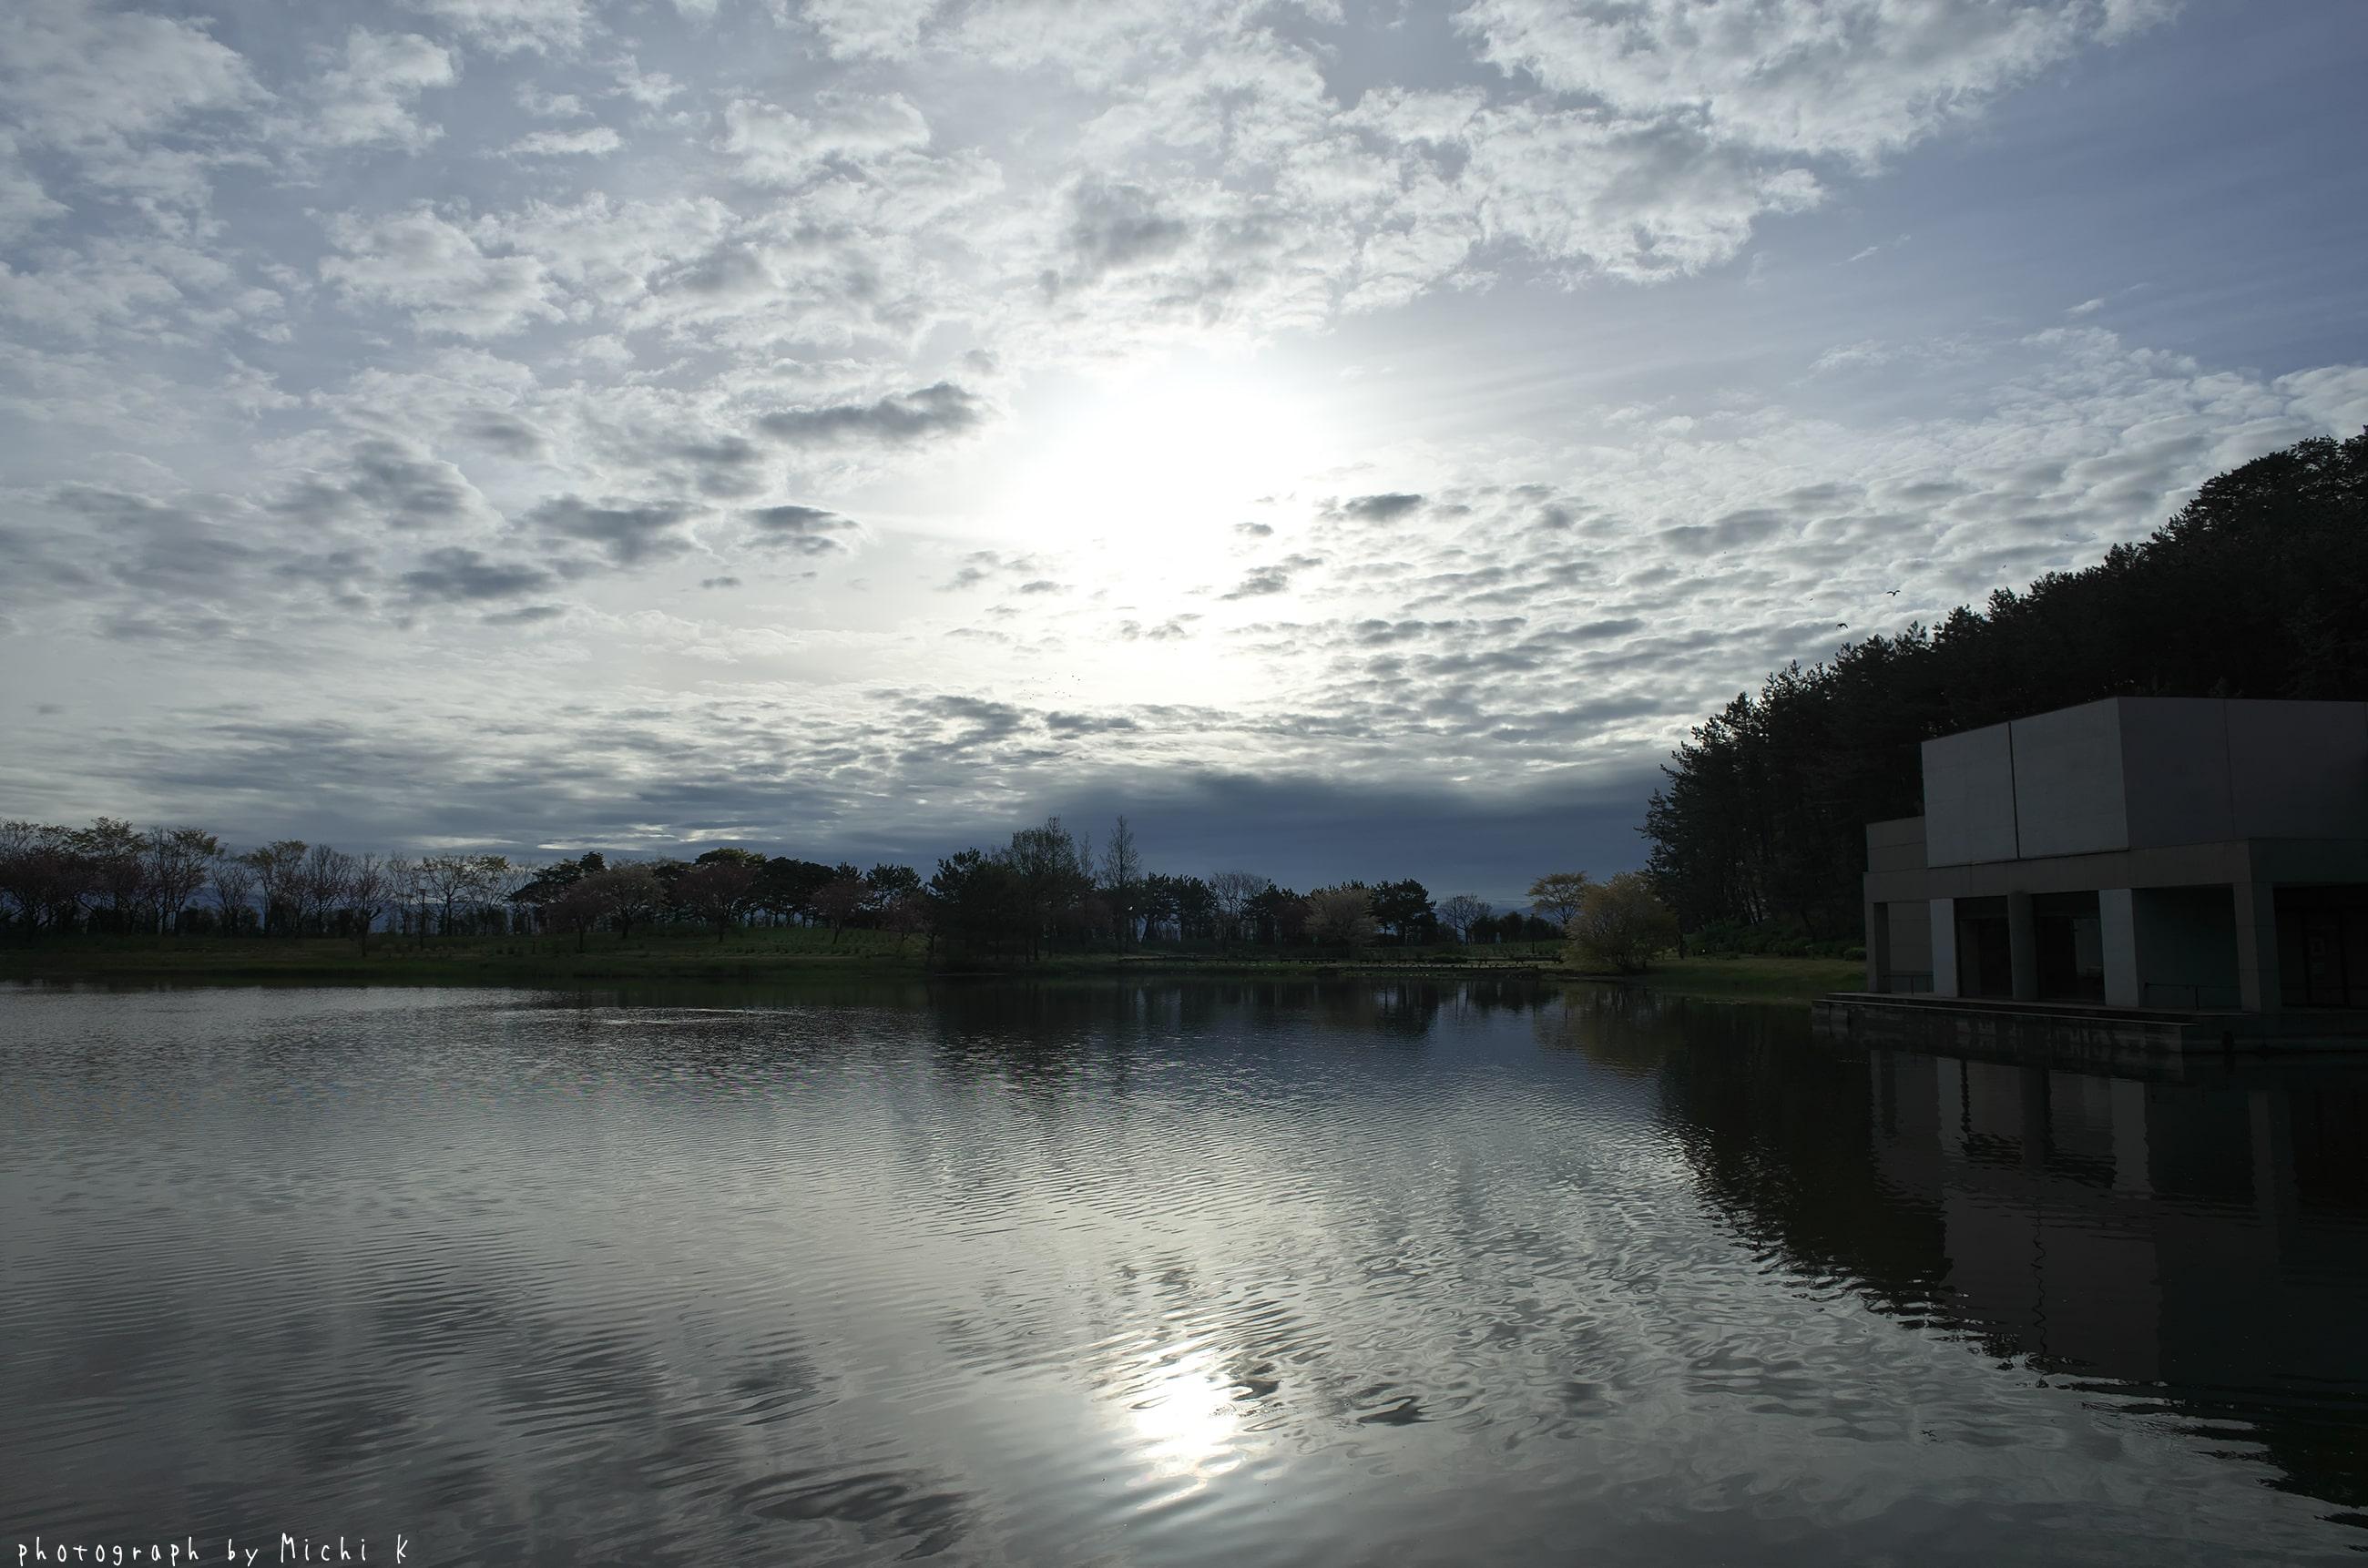 土門拳記念館にて2019-5-1朝(写真その2)